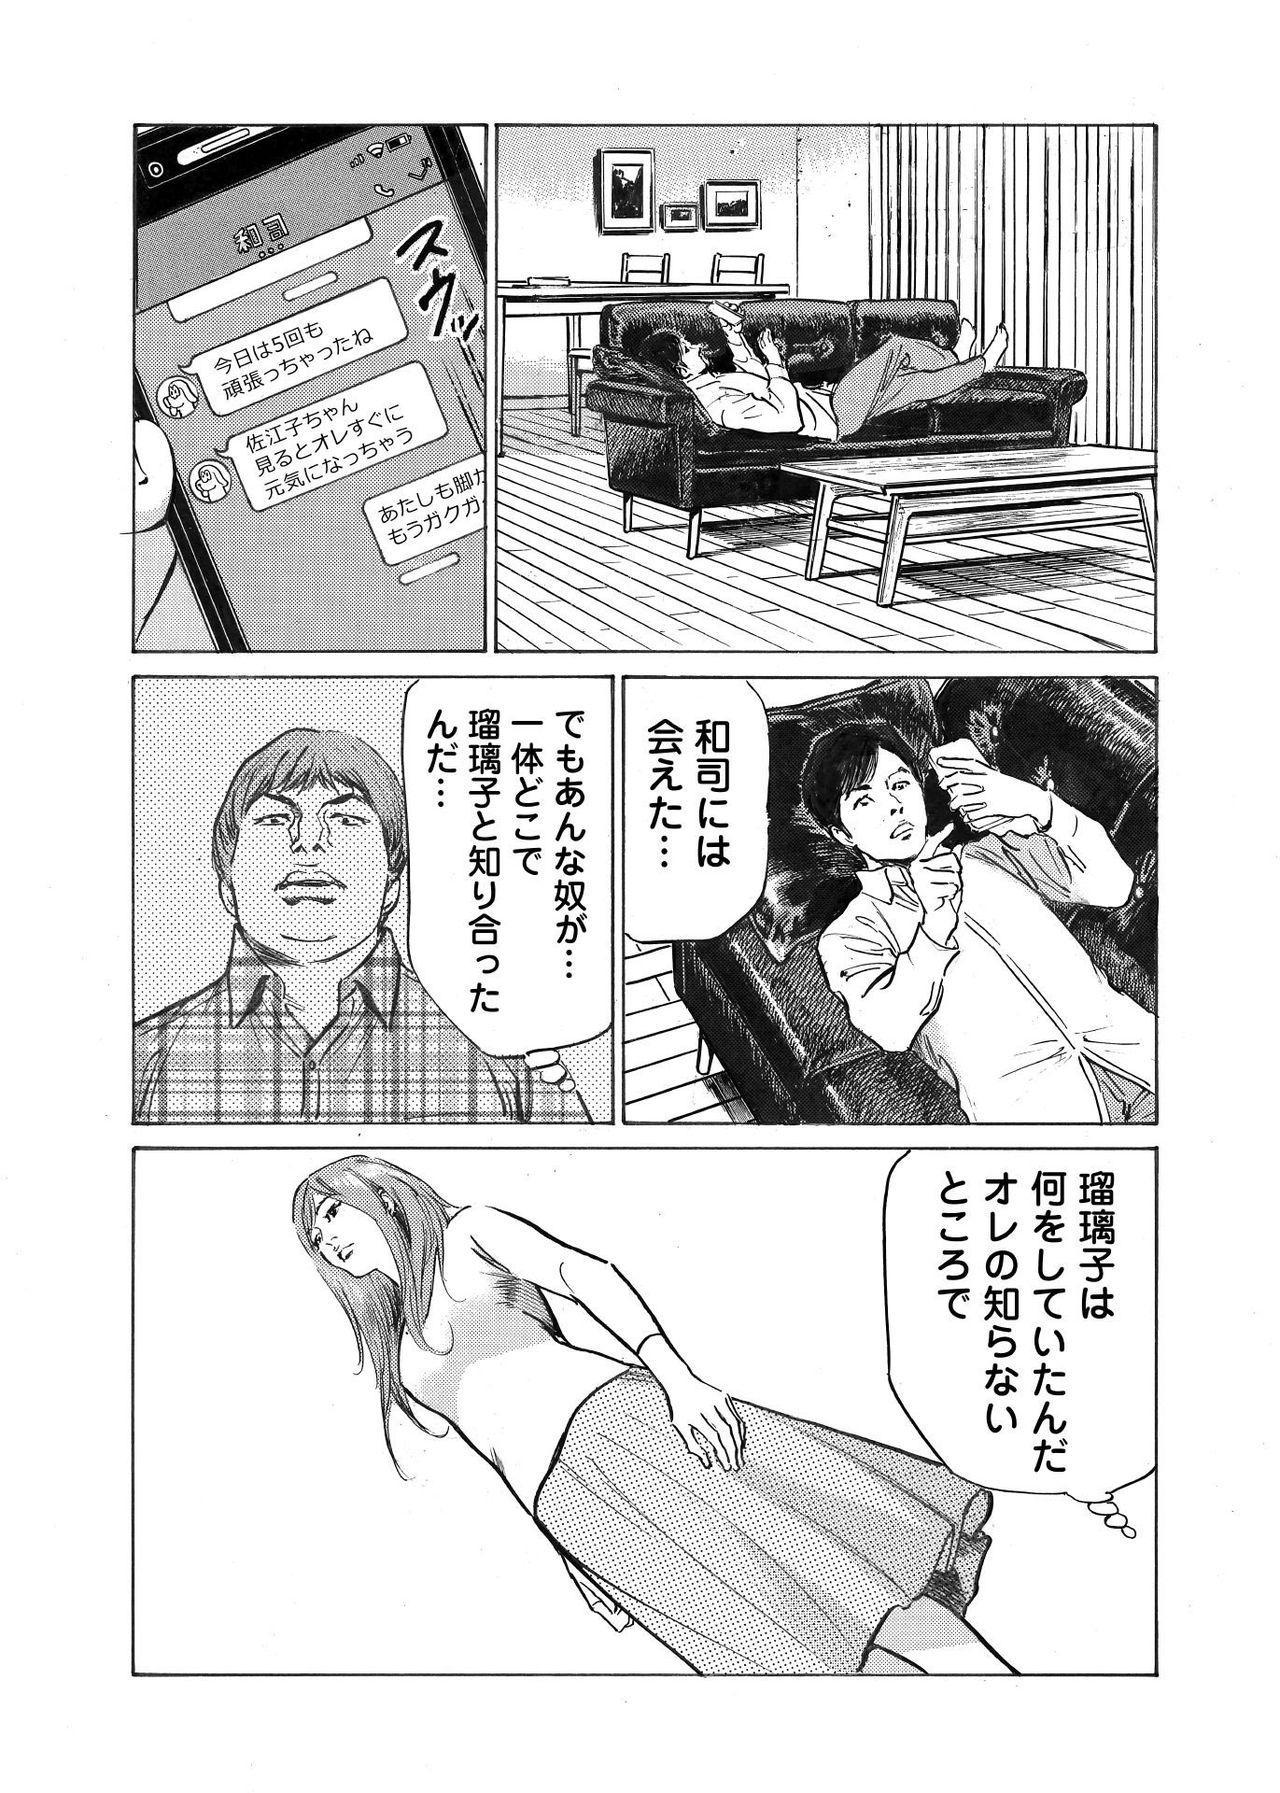 Ore wa Tsuma no Koto o Yoku Shiranai 1-9 77